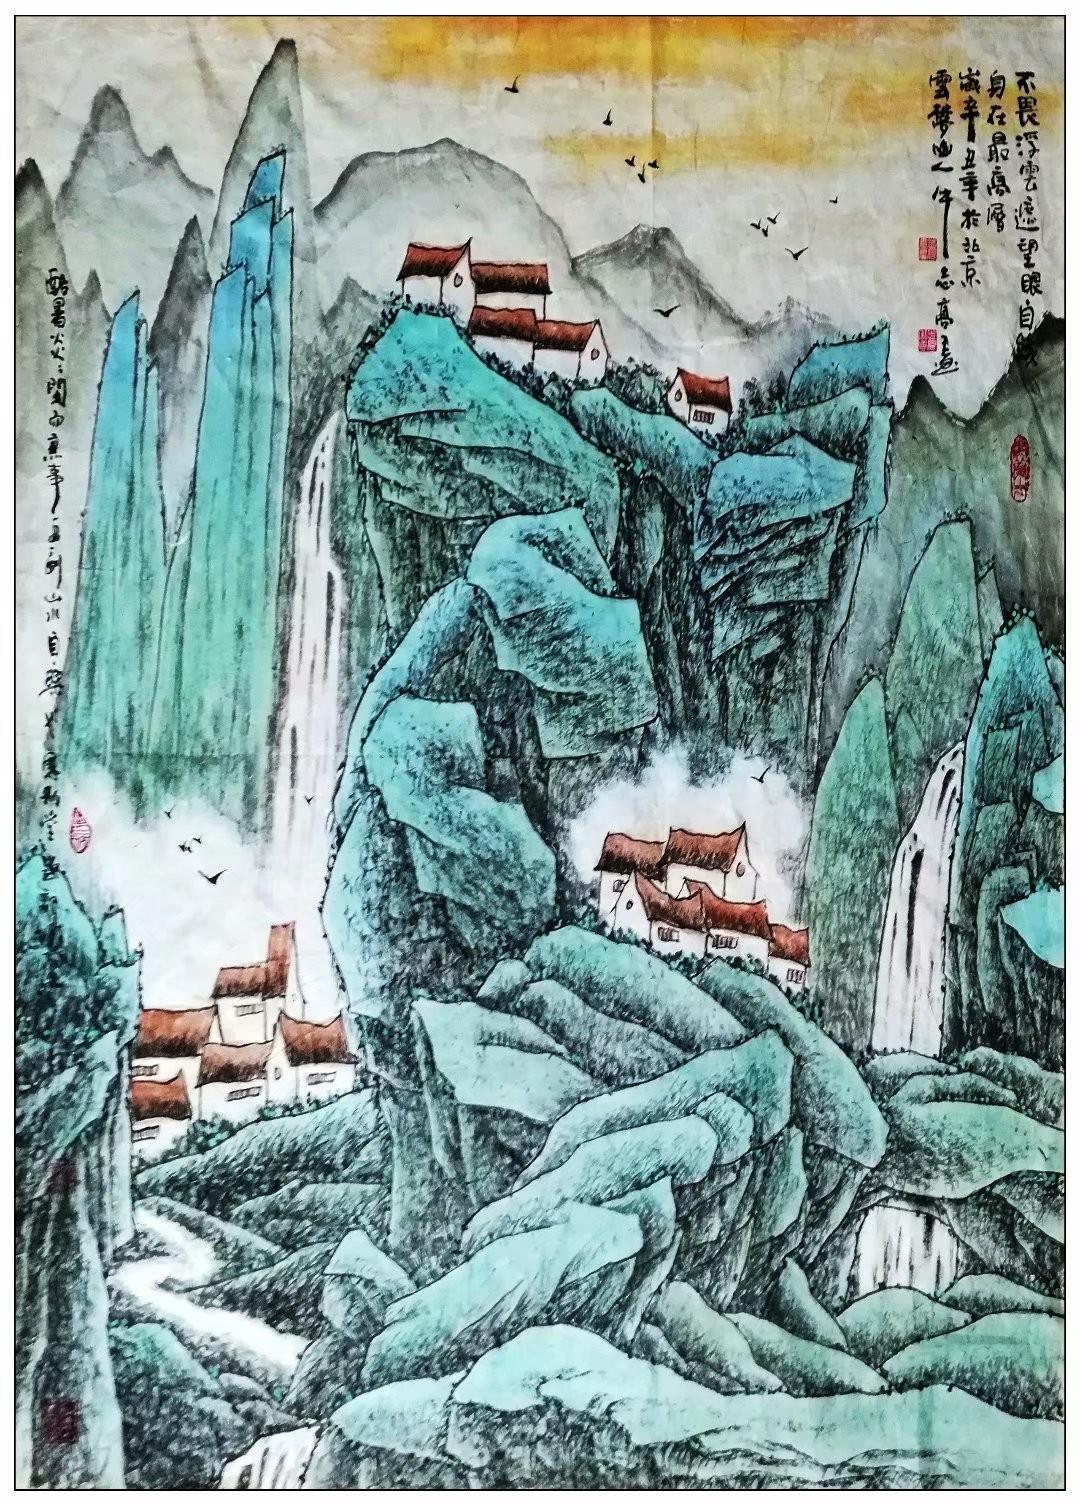 牛志高山水画新作2021.07.13_图1-2